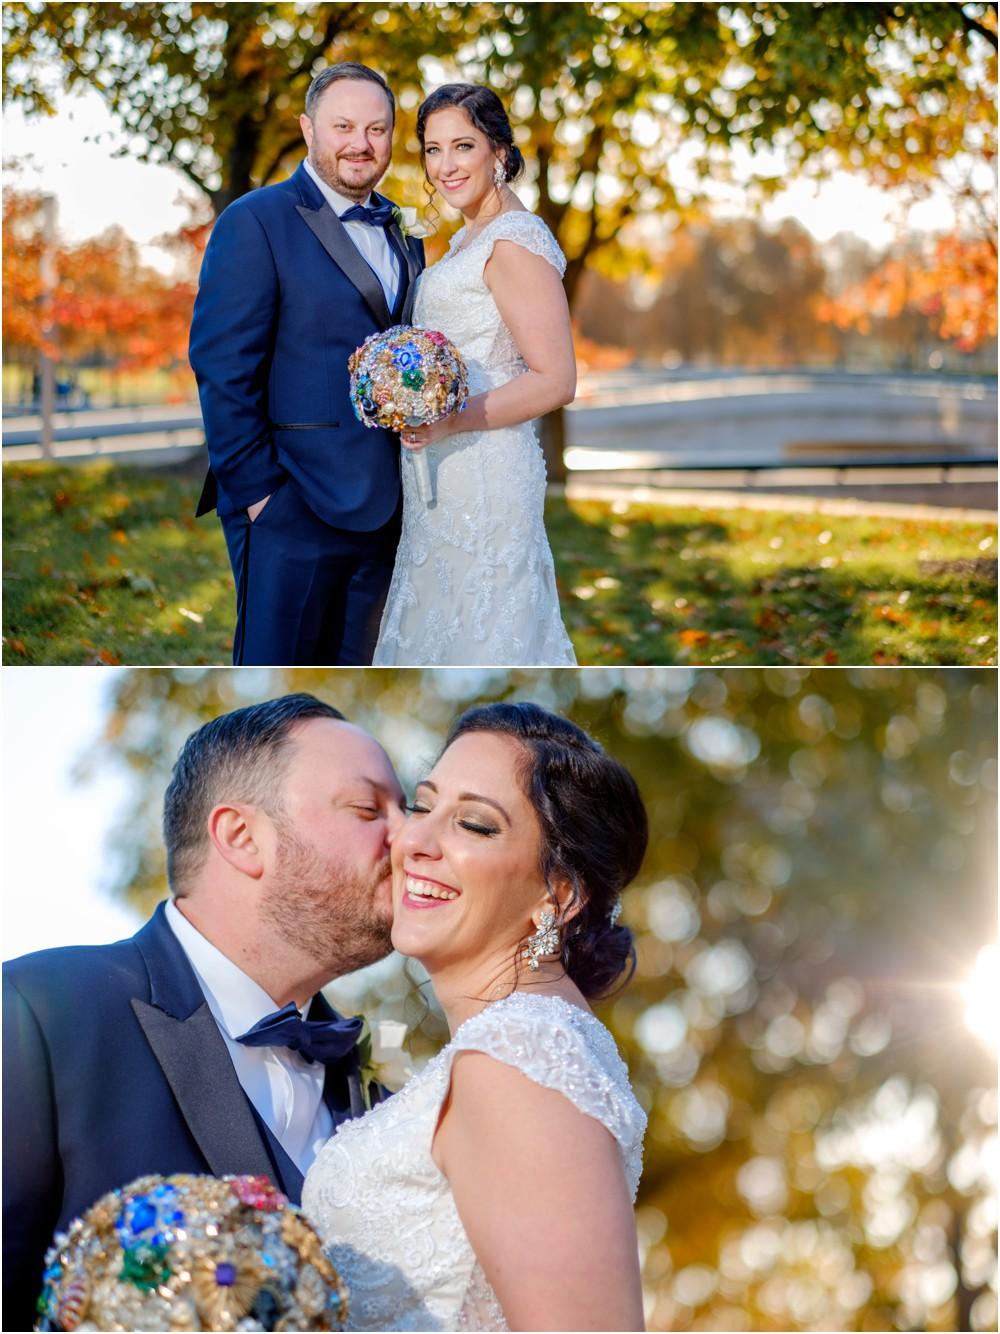 Sahms-Atrium-Wedding-Pictures_0014.jpg